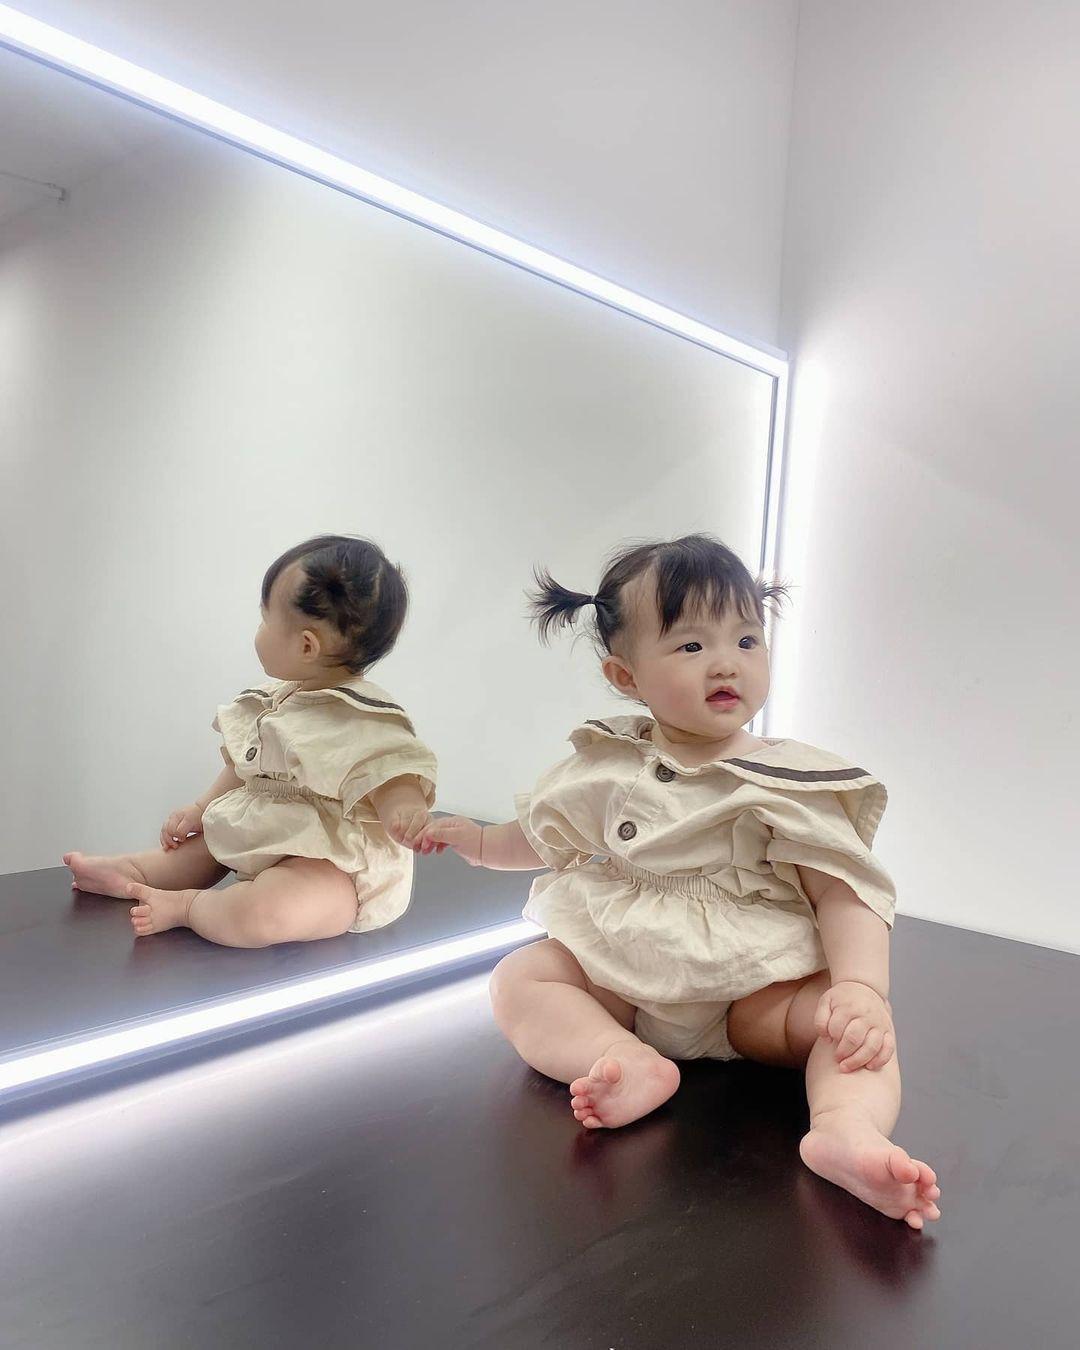 Loạt ảnh chứng minh con gái Đông Nhi - Ông Cao Thắng không chỉ ngày càng xinh mà độ tếu táo, hài hước cũng tăng đáng kể